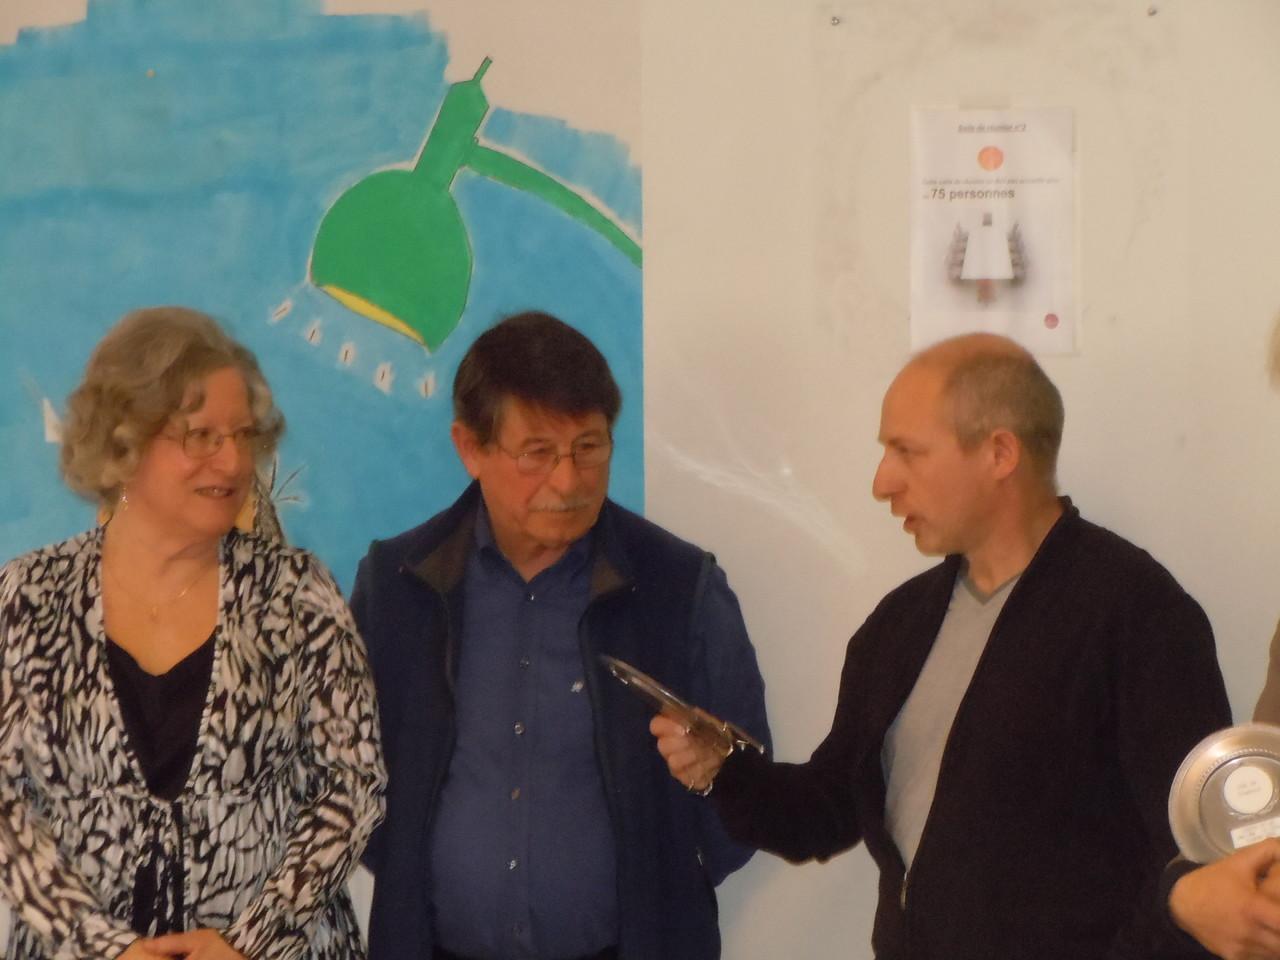 Trophée Une Ville Un Office remis à M. Monzonis président de l'OMS de Chabeuil